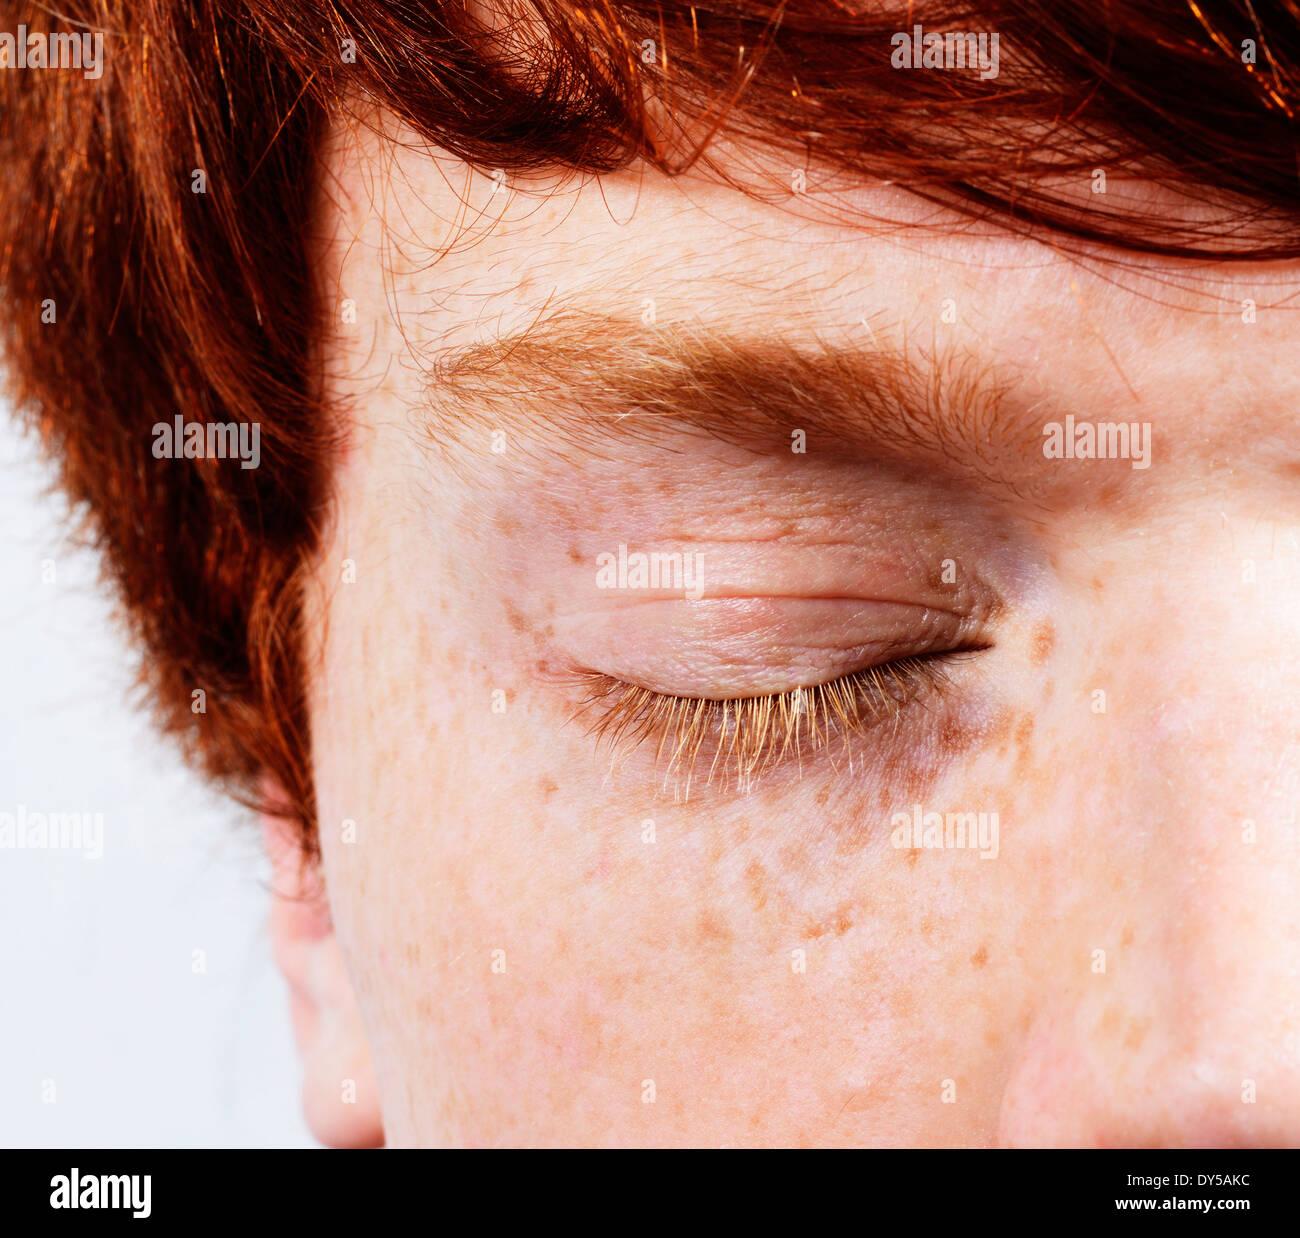 Viso parziale colpo di giovane con capelli rossi e lentiggini, gli occhi chiusi Immagini Stock